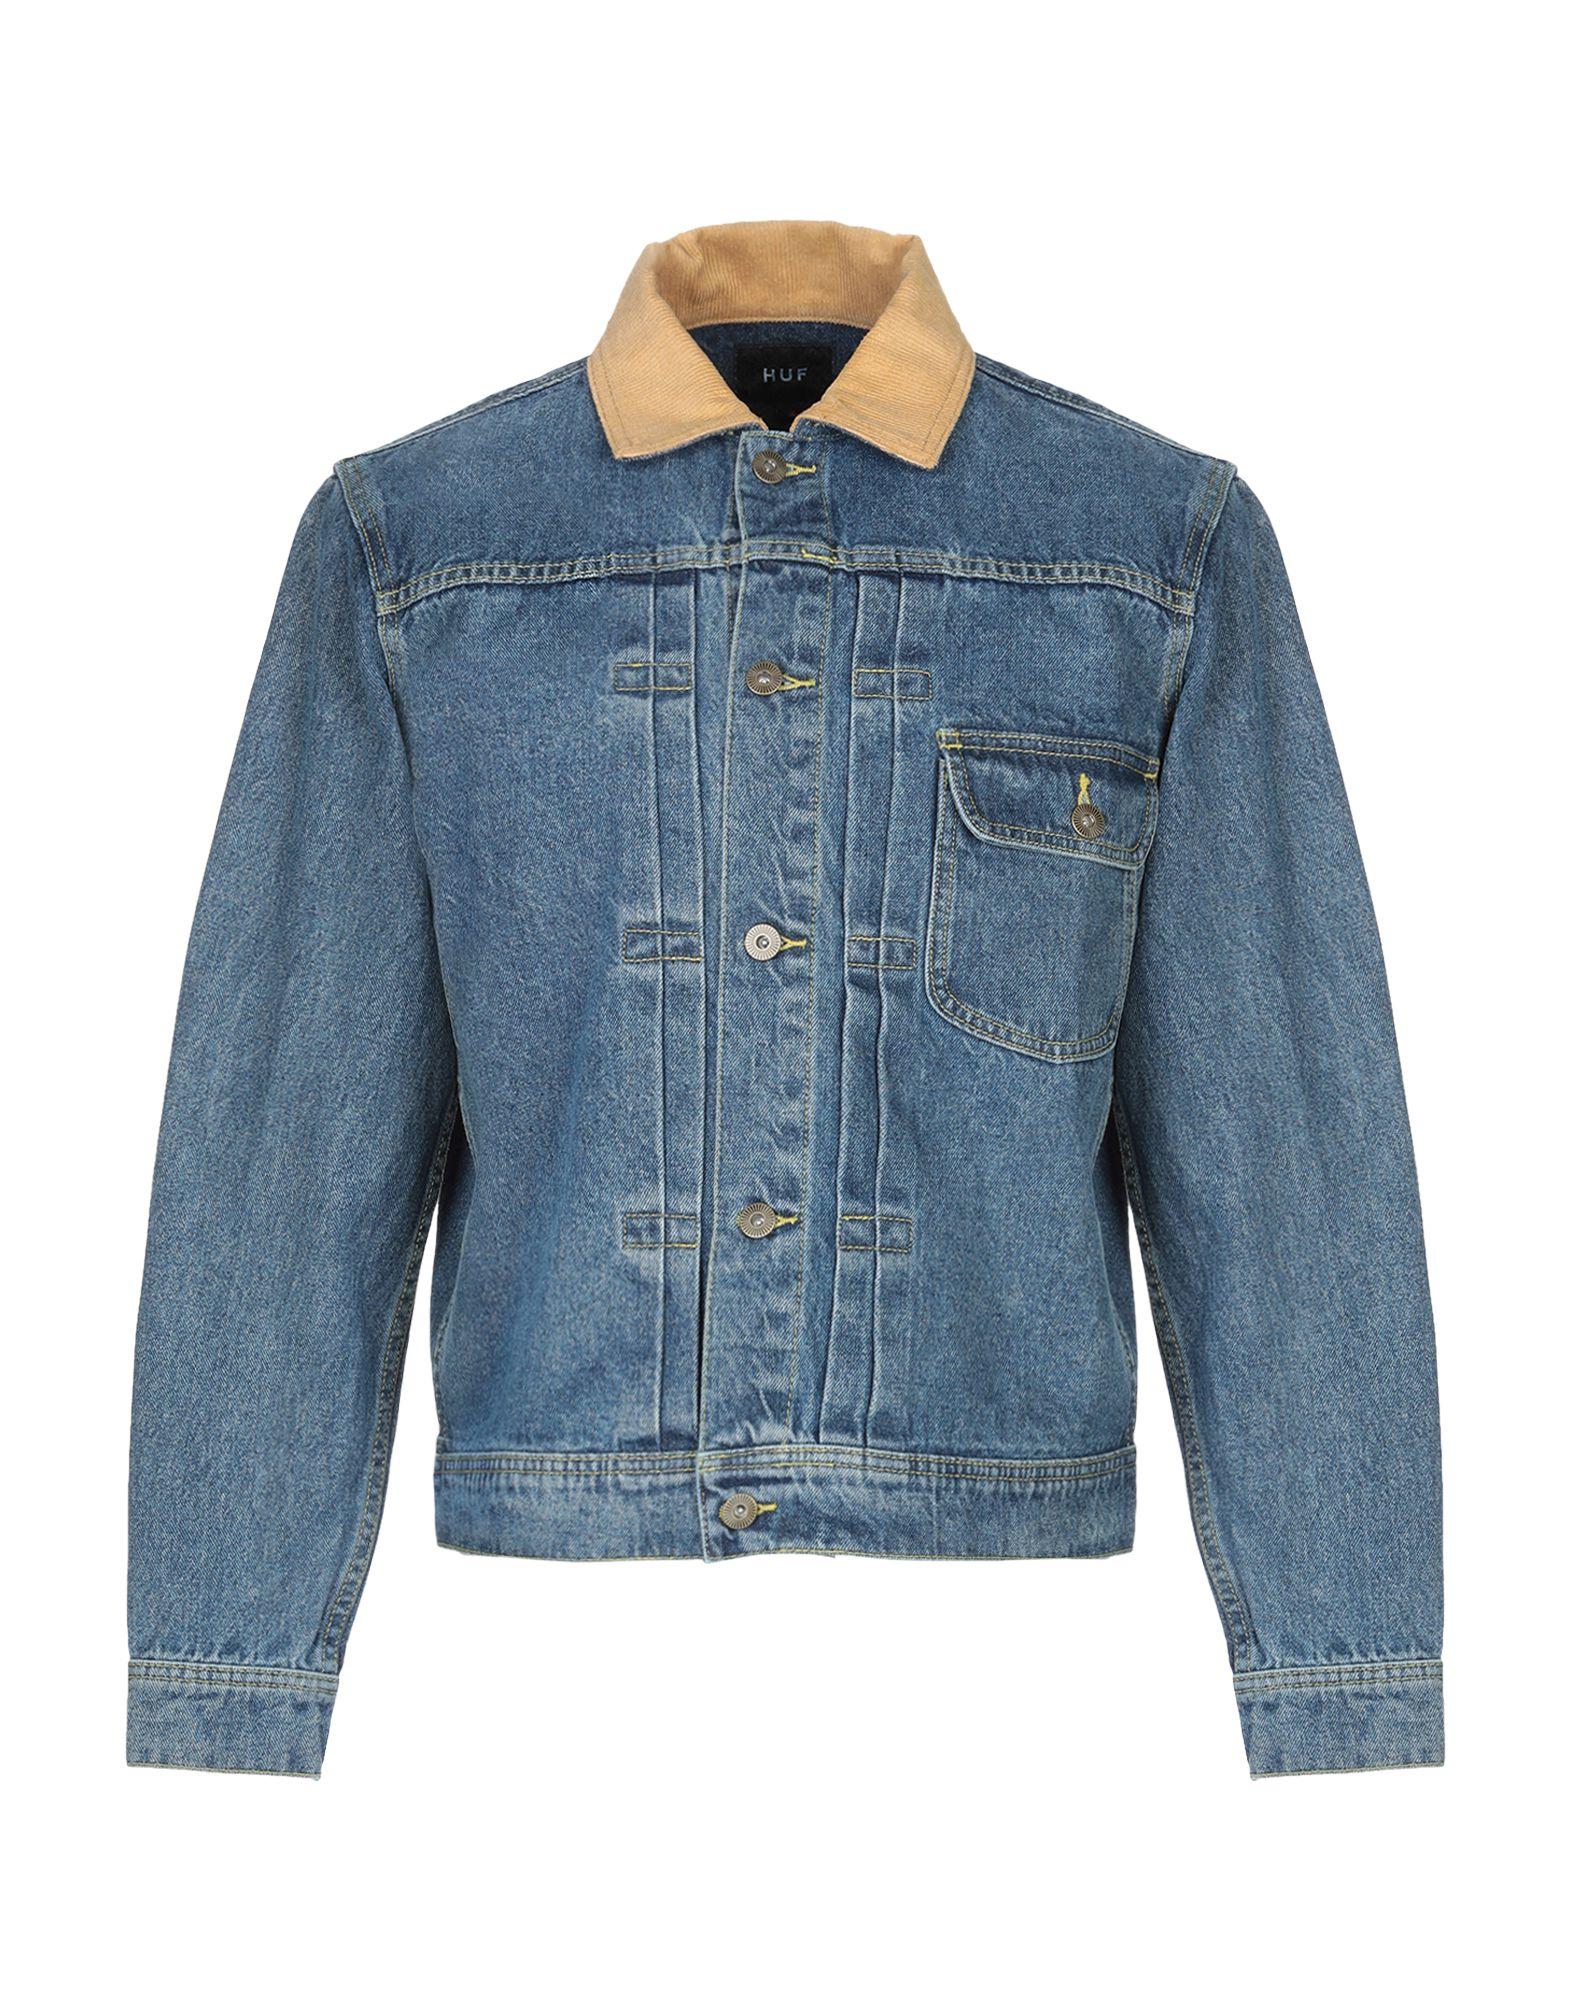 Фото - HUF Джинсовая верхняя одежда études studio джинсовая верхняя одежда